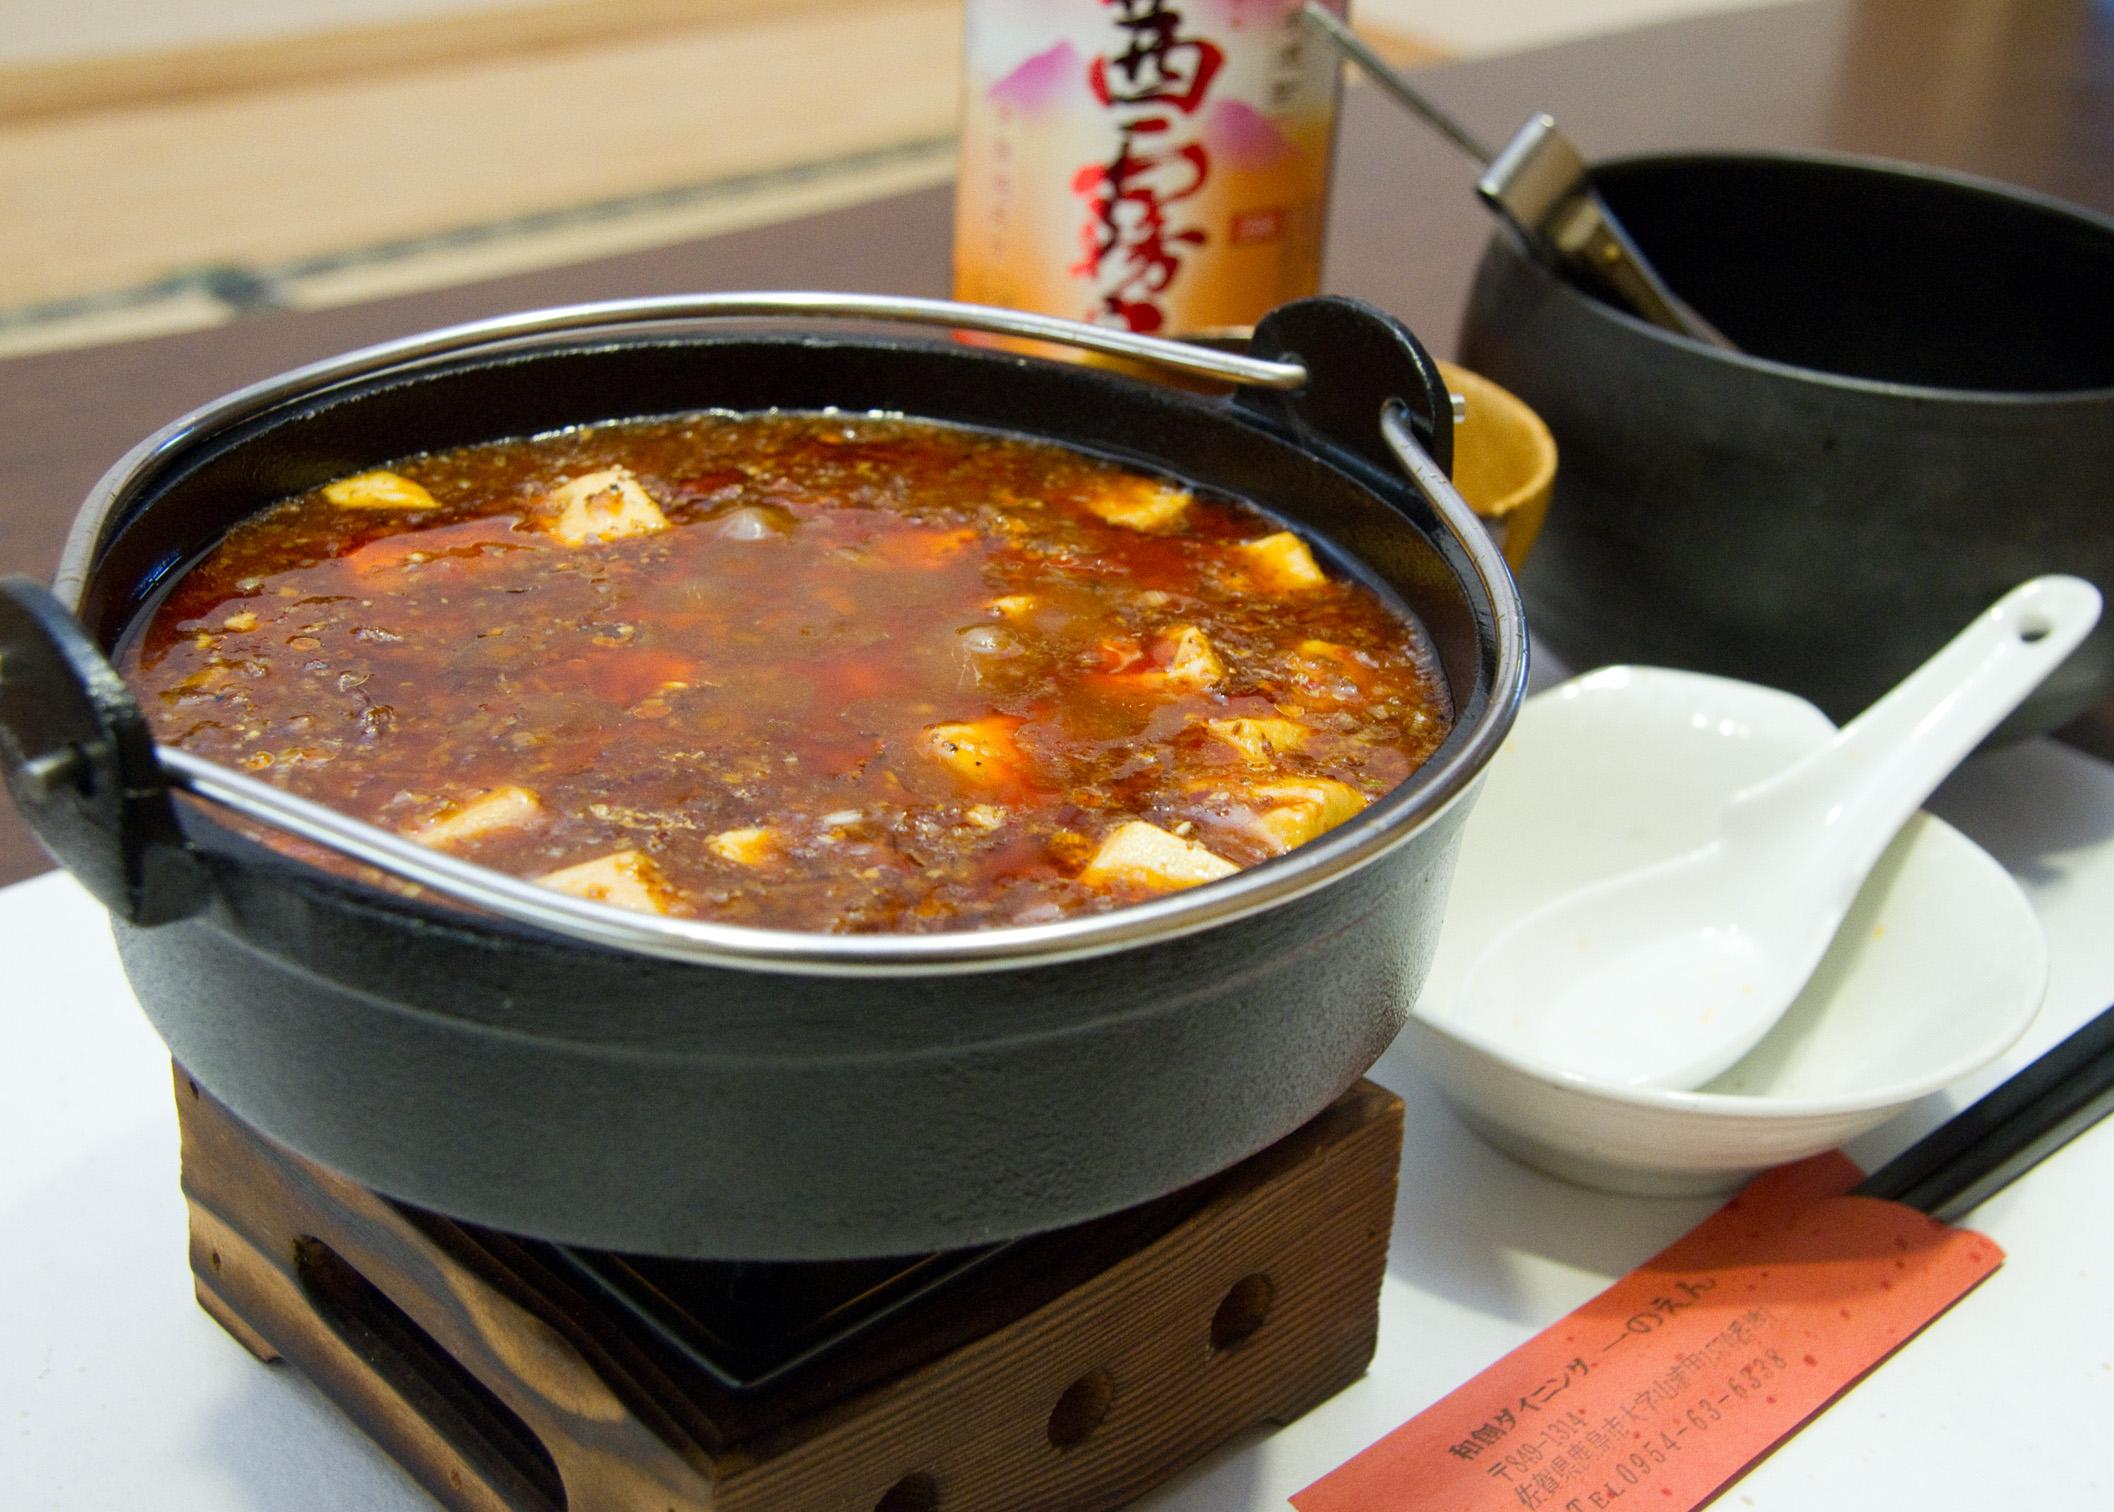 当店自慢の逸品は本格派「麻婆豆腐」辛さの中の旨味にこだわった逸品です。